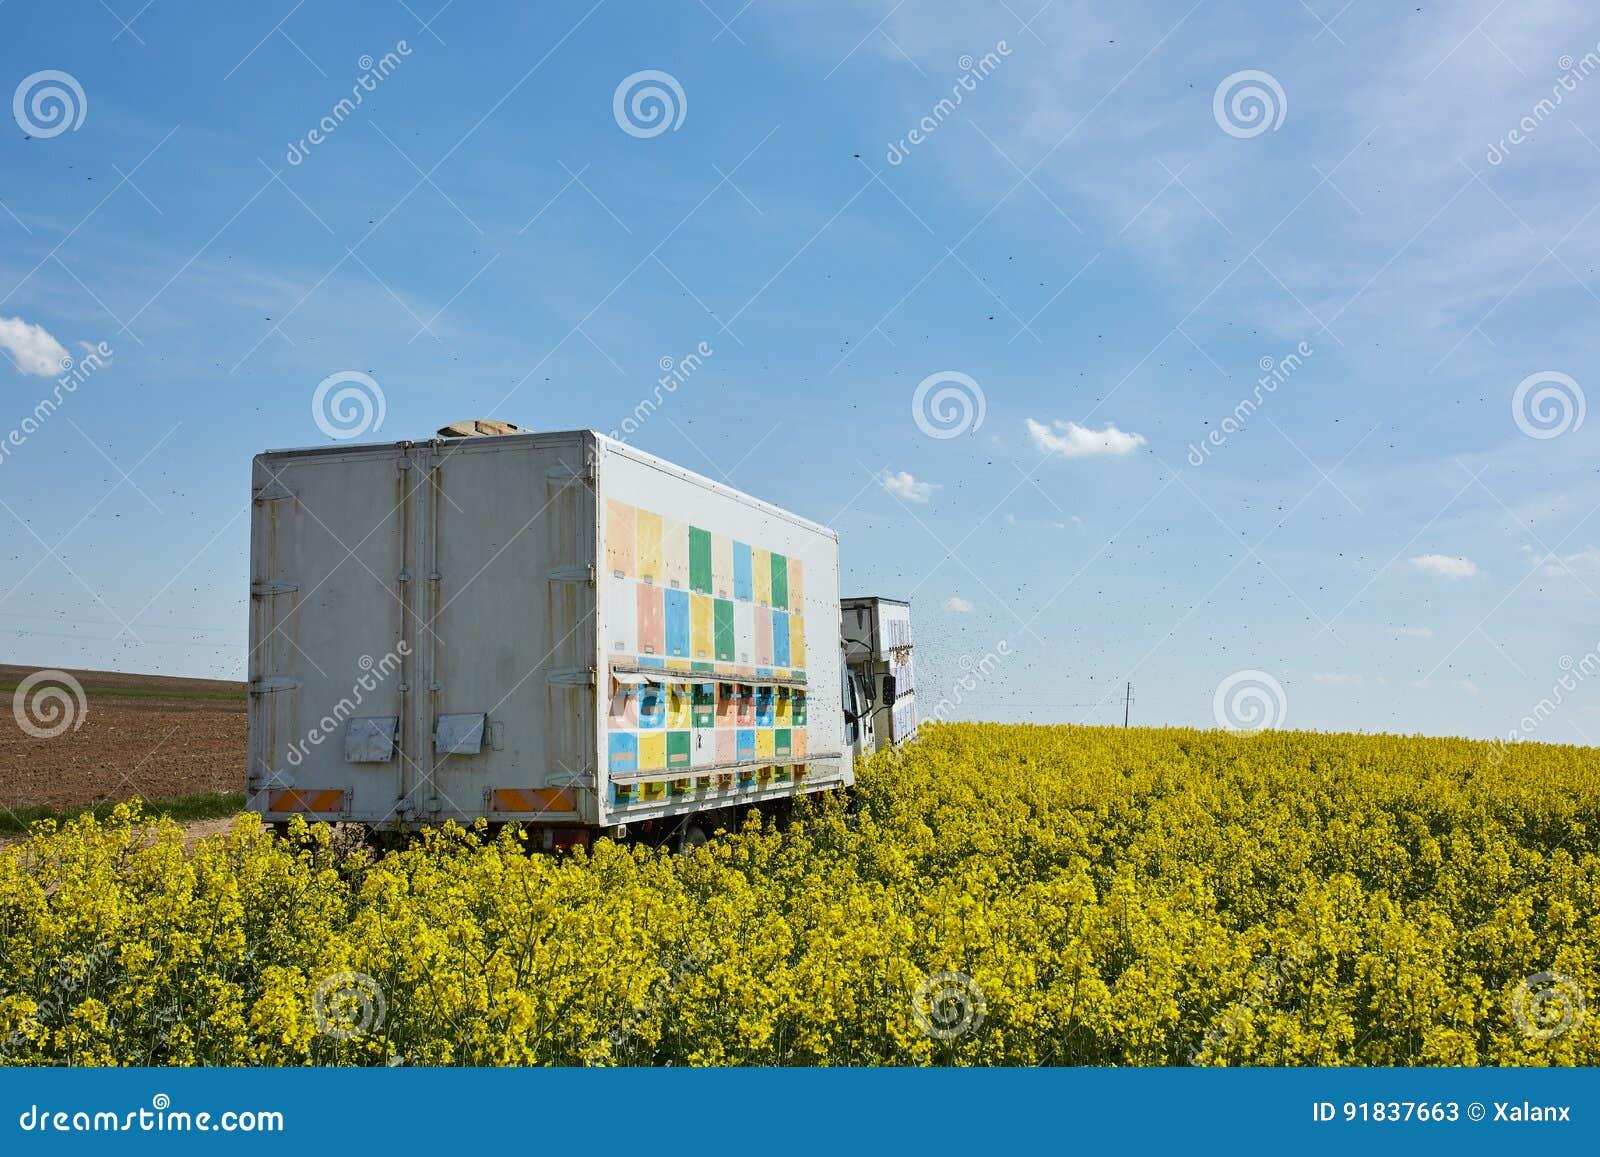 LKW Mit Bienenbienenstöcken In Einem Rapsfeld Stockbild - Bild von ...